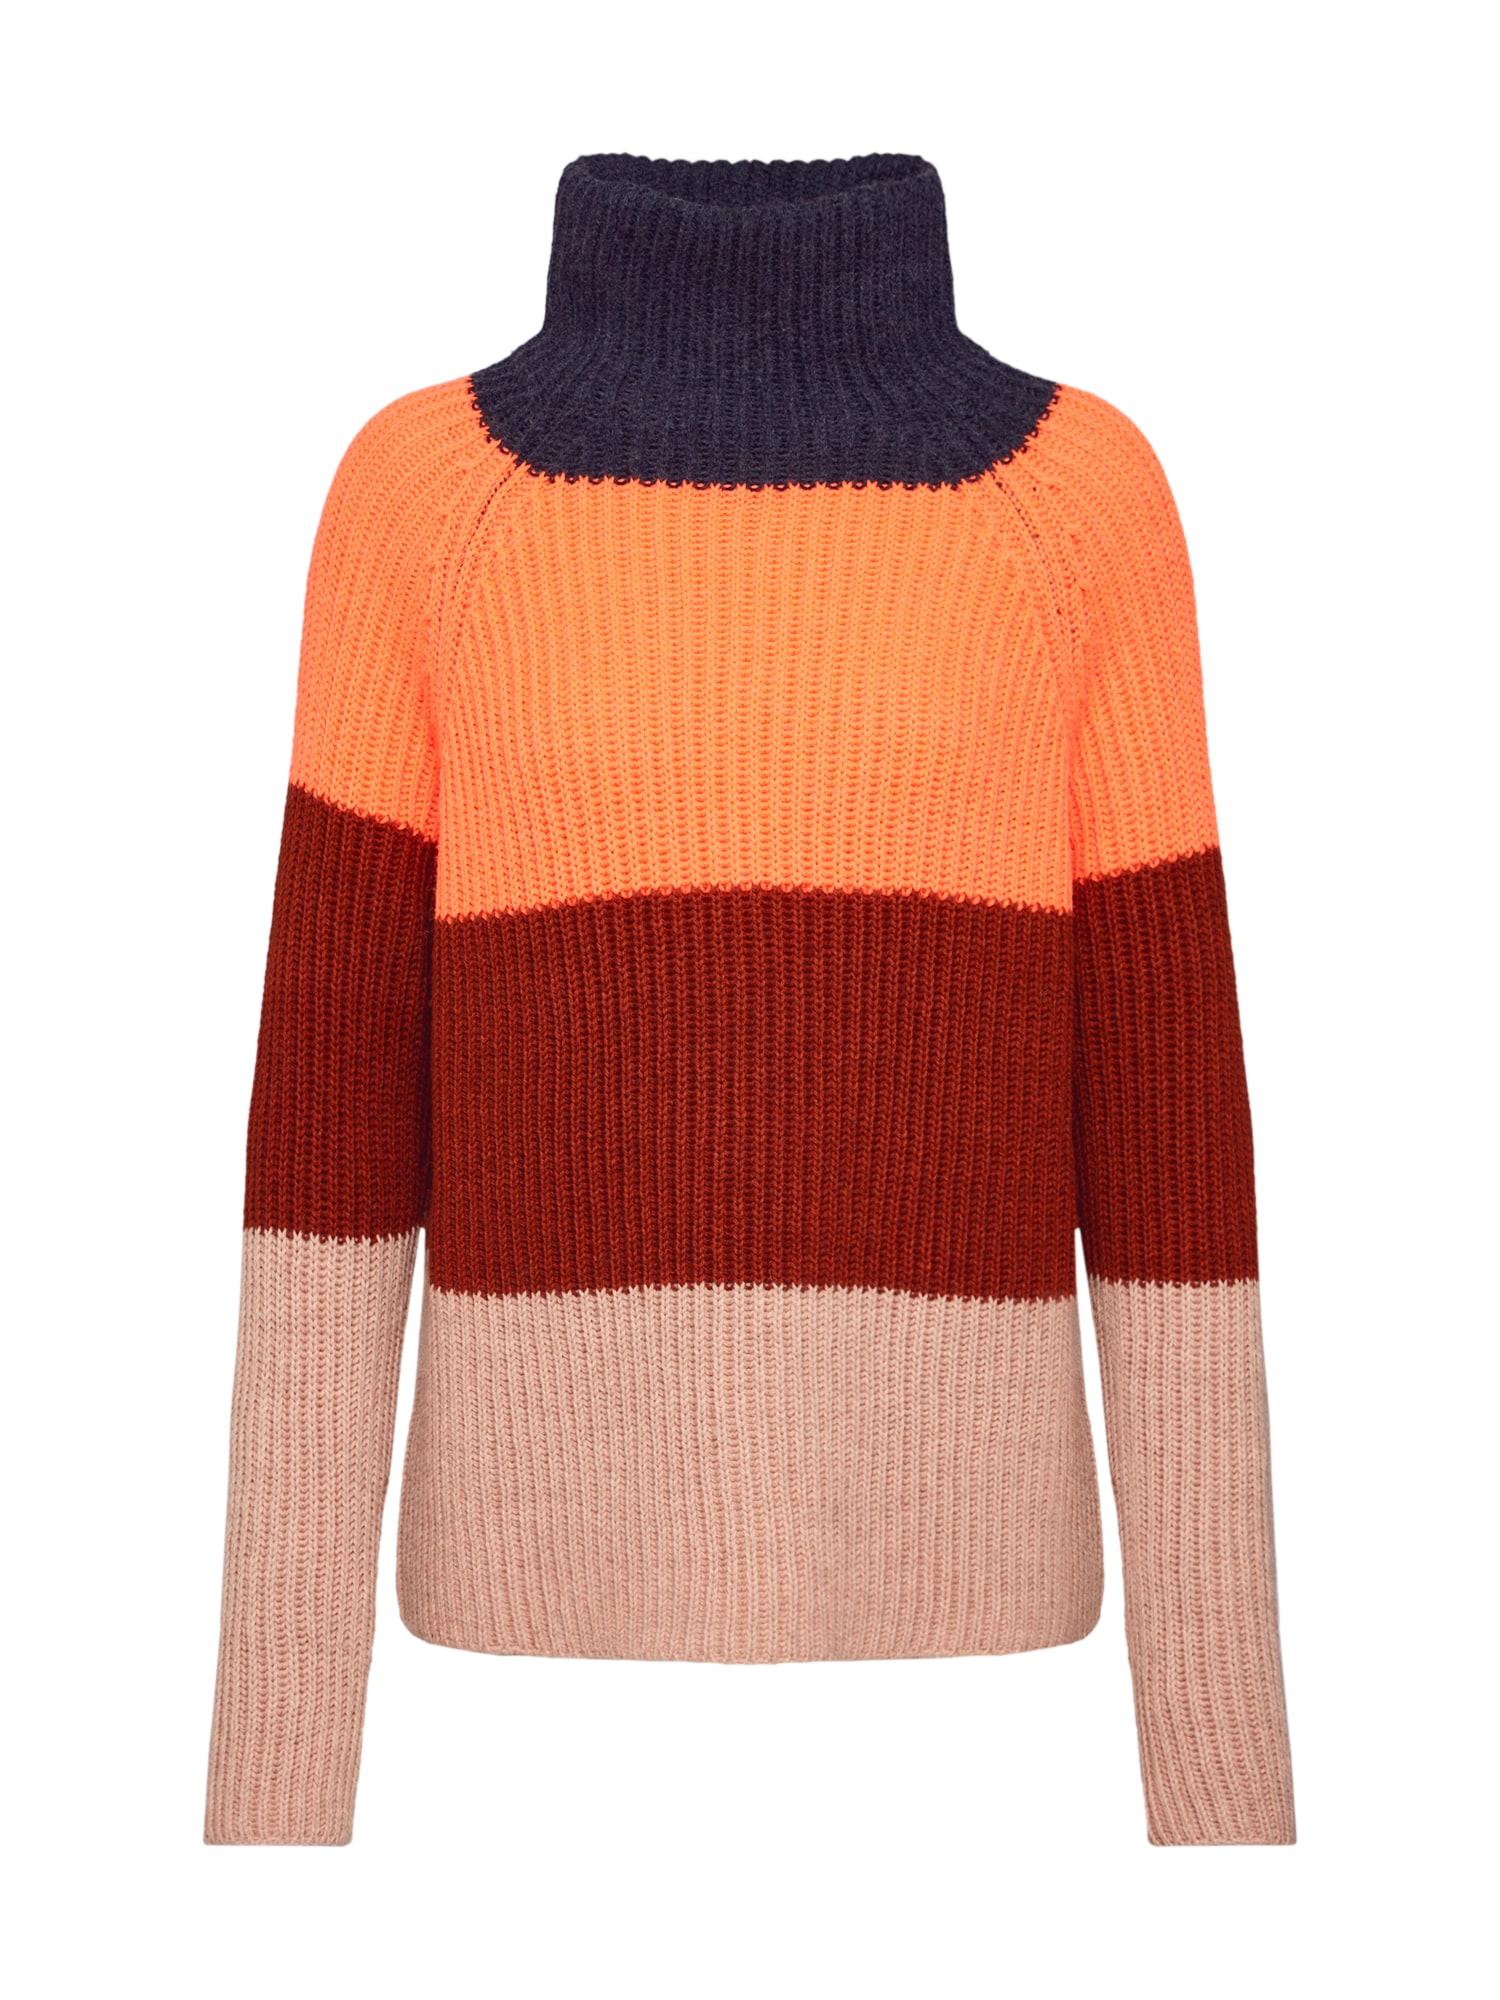 DRYKORN Megztinis 'ARWEN' tamsiai mėlyna / rožinė / vyno raudona spalva / oranžinė-raudona